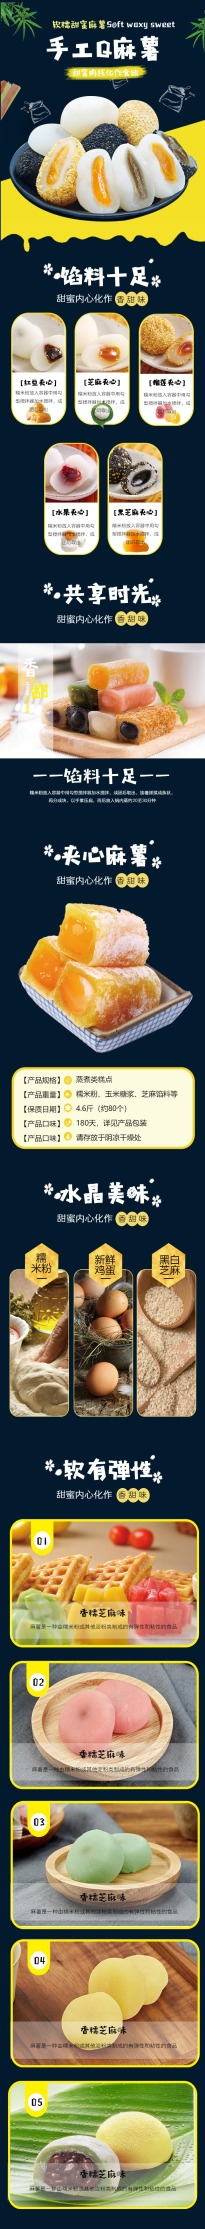 简约大气百货零售美食小吃糕点麻薯促销电商详情页